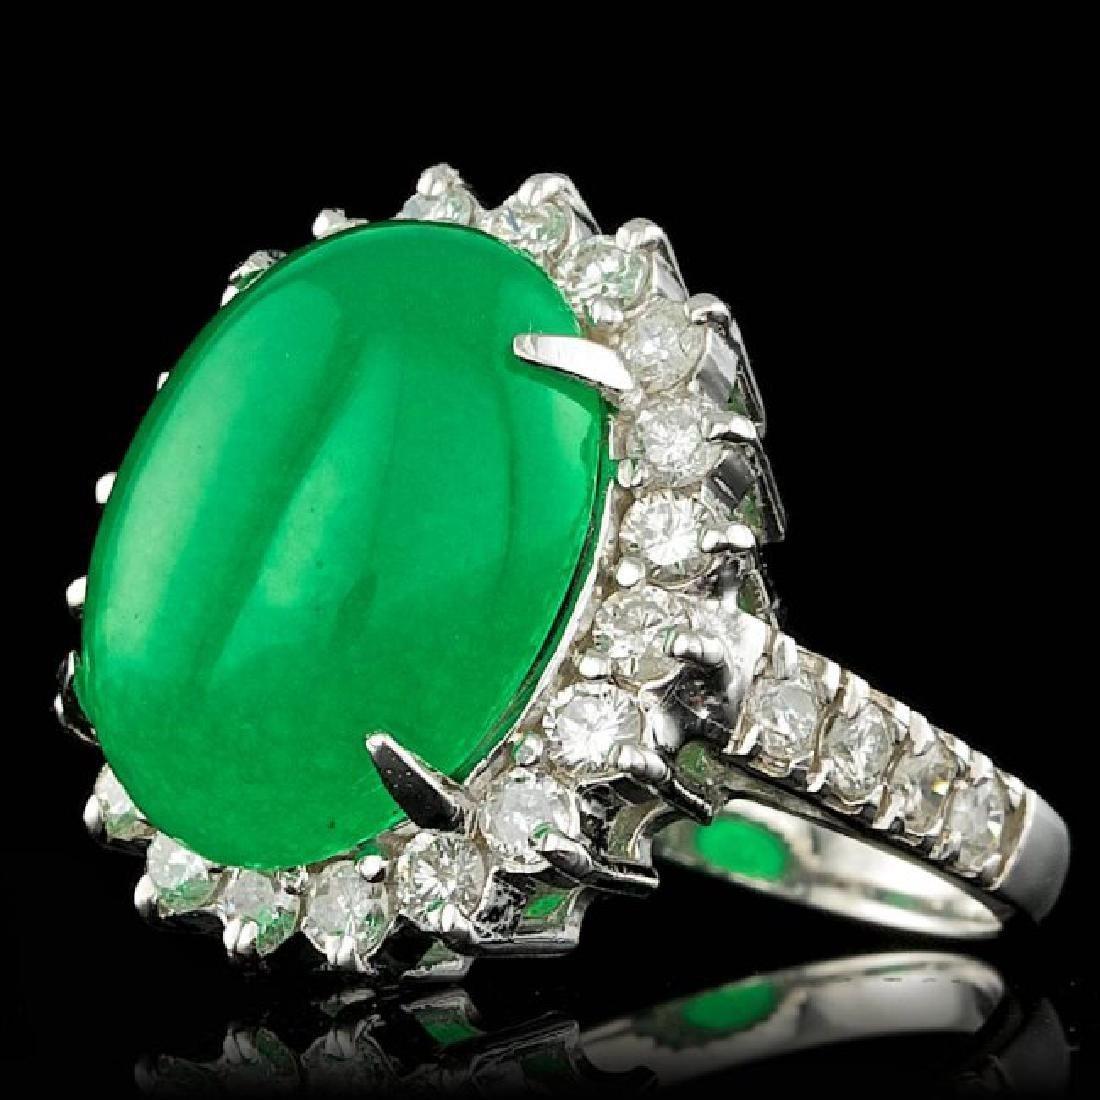 14k White Gold 9.50ct Jade 1.40ct Diamond Ring - 2